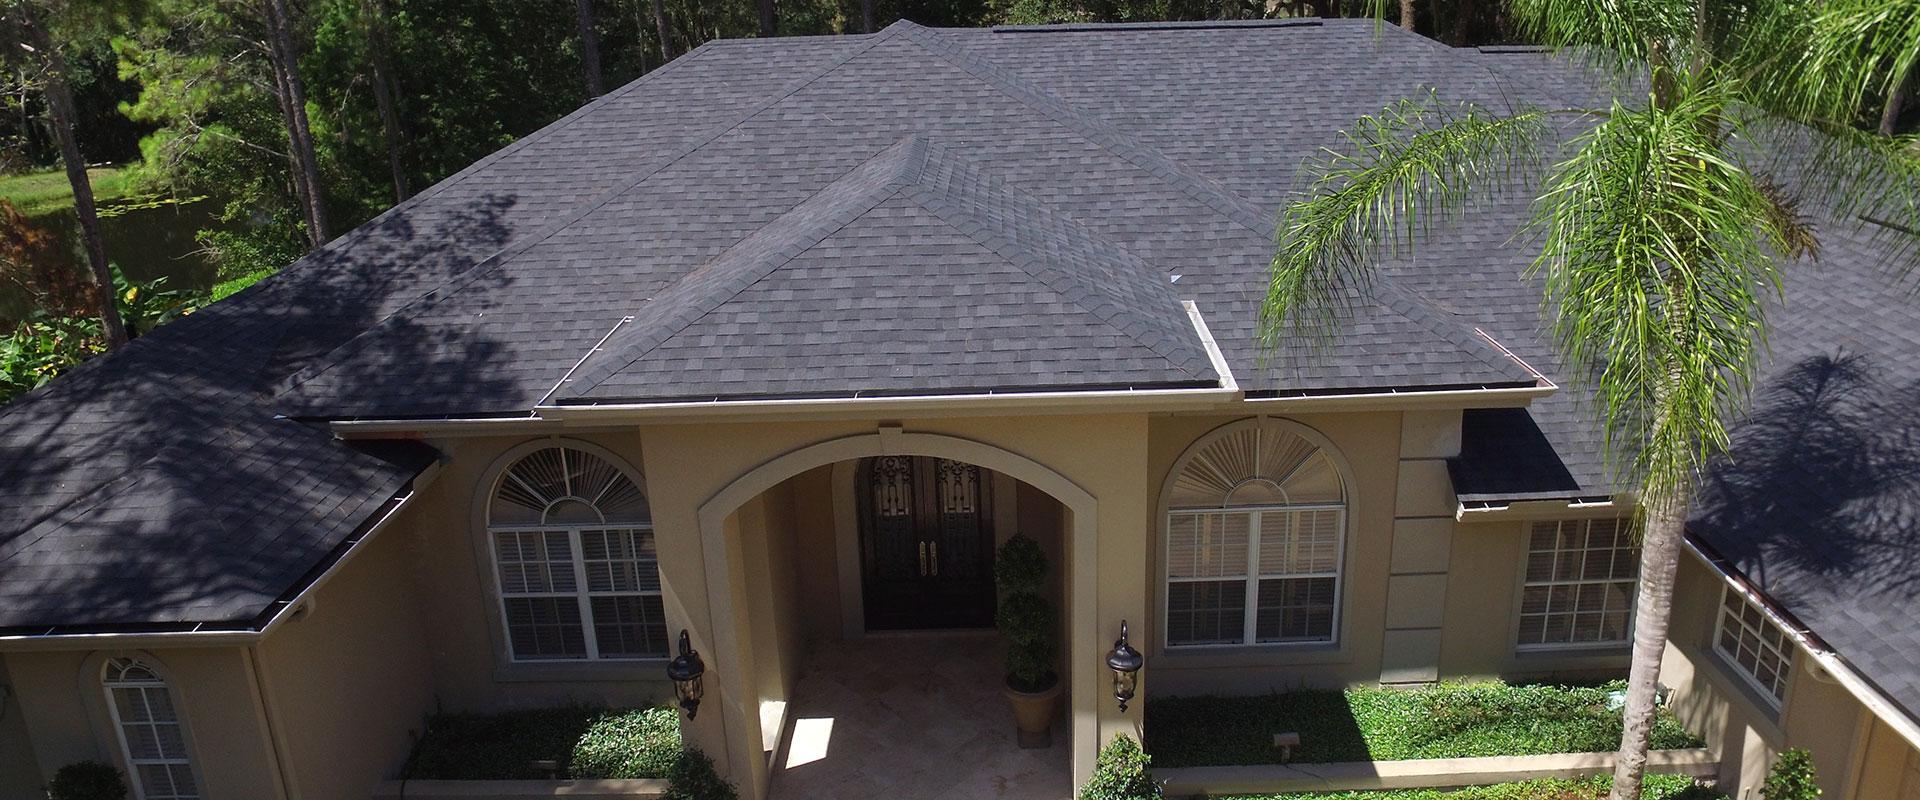 Why Pick Alvarez Roofing?